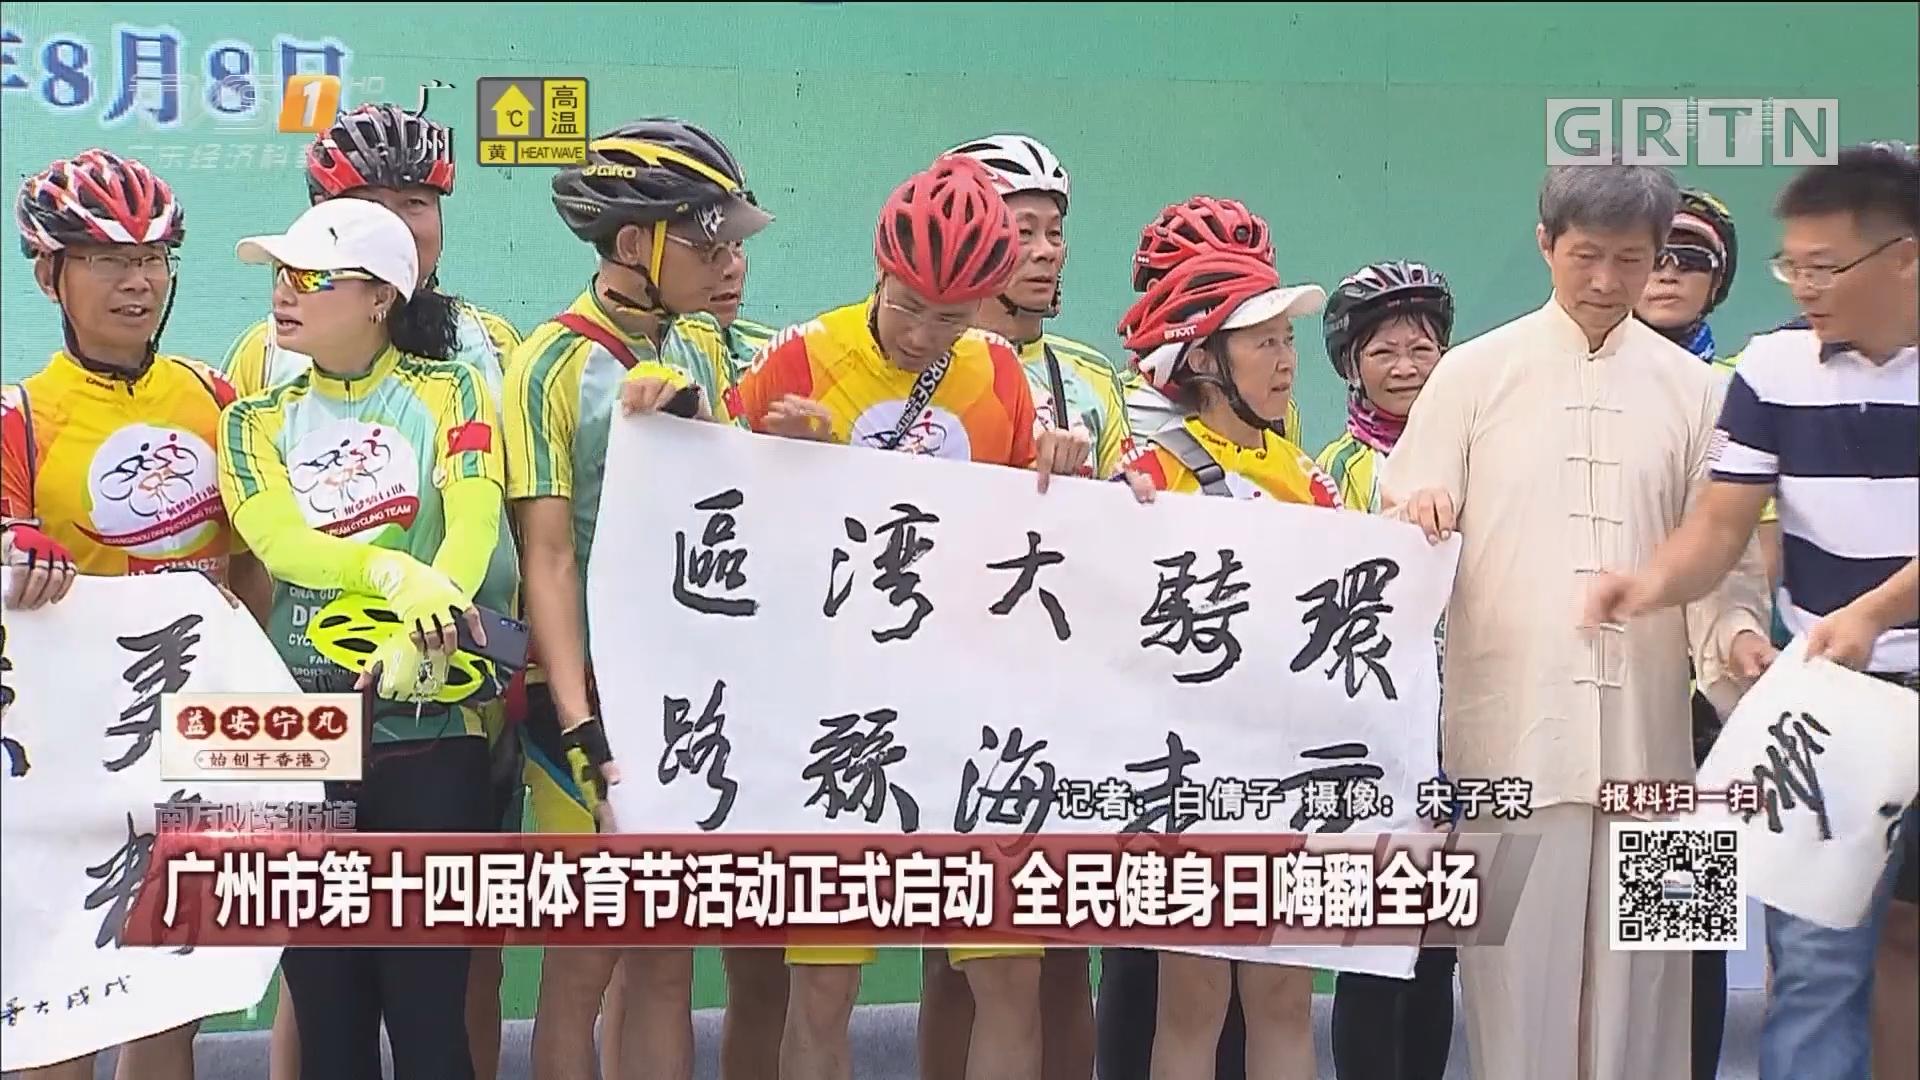 广州市第十四届体育节活动正式启动 全民健身日嗨翻全场